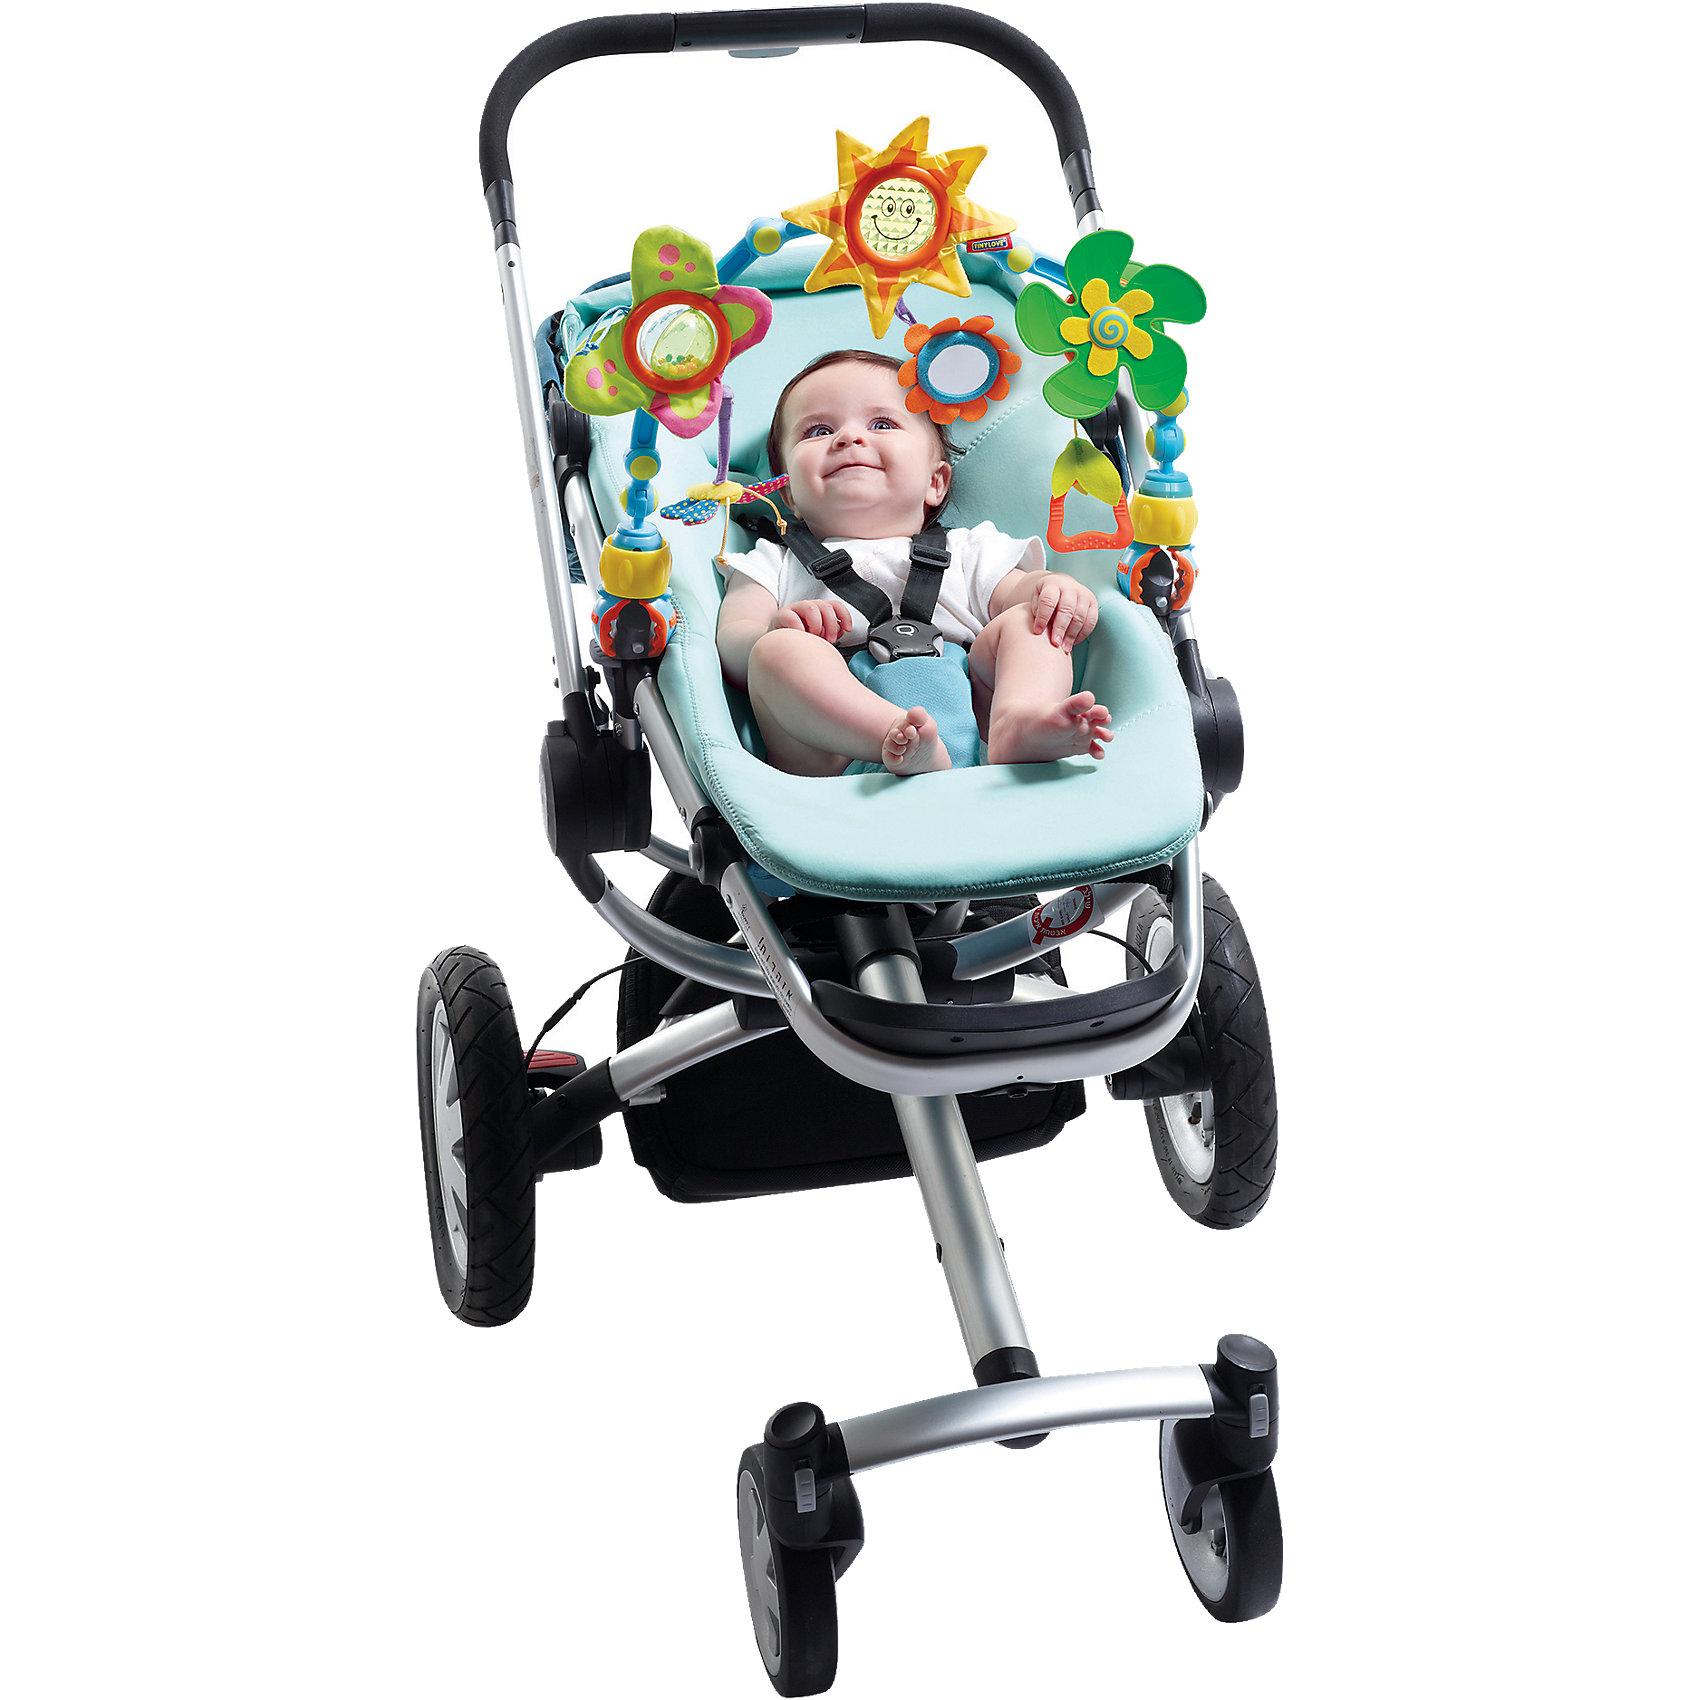 Дуга-трансформер Солнечная, Tiny LoveРазвивающая дуга «Солнечная» фирмы Tiny Love (Тини Лав) - это неизменный спутник всех мобильных малышей. Она предлагает столько разнообразных возможностей для игр и развлечений, что малышу не успеет наскучить продолжительная прогулка в коляске или поездка в автомобильном кресле. <br>Дугу легко прикрепить практически к любой коляске, креслу или стульчику для кормления, а разноцветные фигурки - отбрасывающее солнечных зайчиков солнышко, бабочка и маленький пропеллер - позаботятся о том, чтобы малыш не заскучал. <br>Дуга собрана из эластичных деталей, и Вы сможете каждый раз менять её высоту и положение. Развивающая дуга «Солнечная» стимулирует развитие чувств, крупную и мелкую моторику и мировосприятие малыша.<br><br>Дополнительная информация:<br><br>- В комплекте:  большая бабочка — погремушка с шуршащими крылышками, маленькая бабочка, вертушка- пропеллер с бубенчиком, цветочек с зеркальцем.<br>- Размеры: 50х31х7 см<br><br>Дугу-трансформер Солнечная, Tiny Love (Тини Лав) можно купиь в нашем интернет магазине.<br><br>Ширина мм: 506<br>Глубина мм: 314<br>Высота мм: 78<br>Вес г: 658<br>Возраст от месяцев: 0<br>Возраст до месяцев: 12<br>Пол: Унисекс<br>Возраст: Детский<br>SKU: 1856283